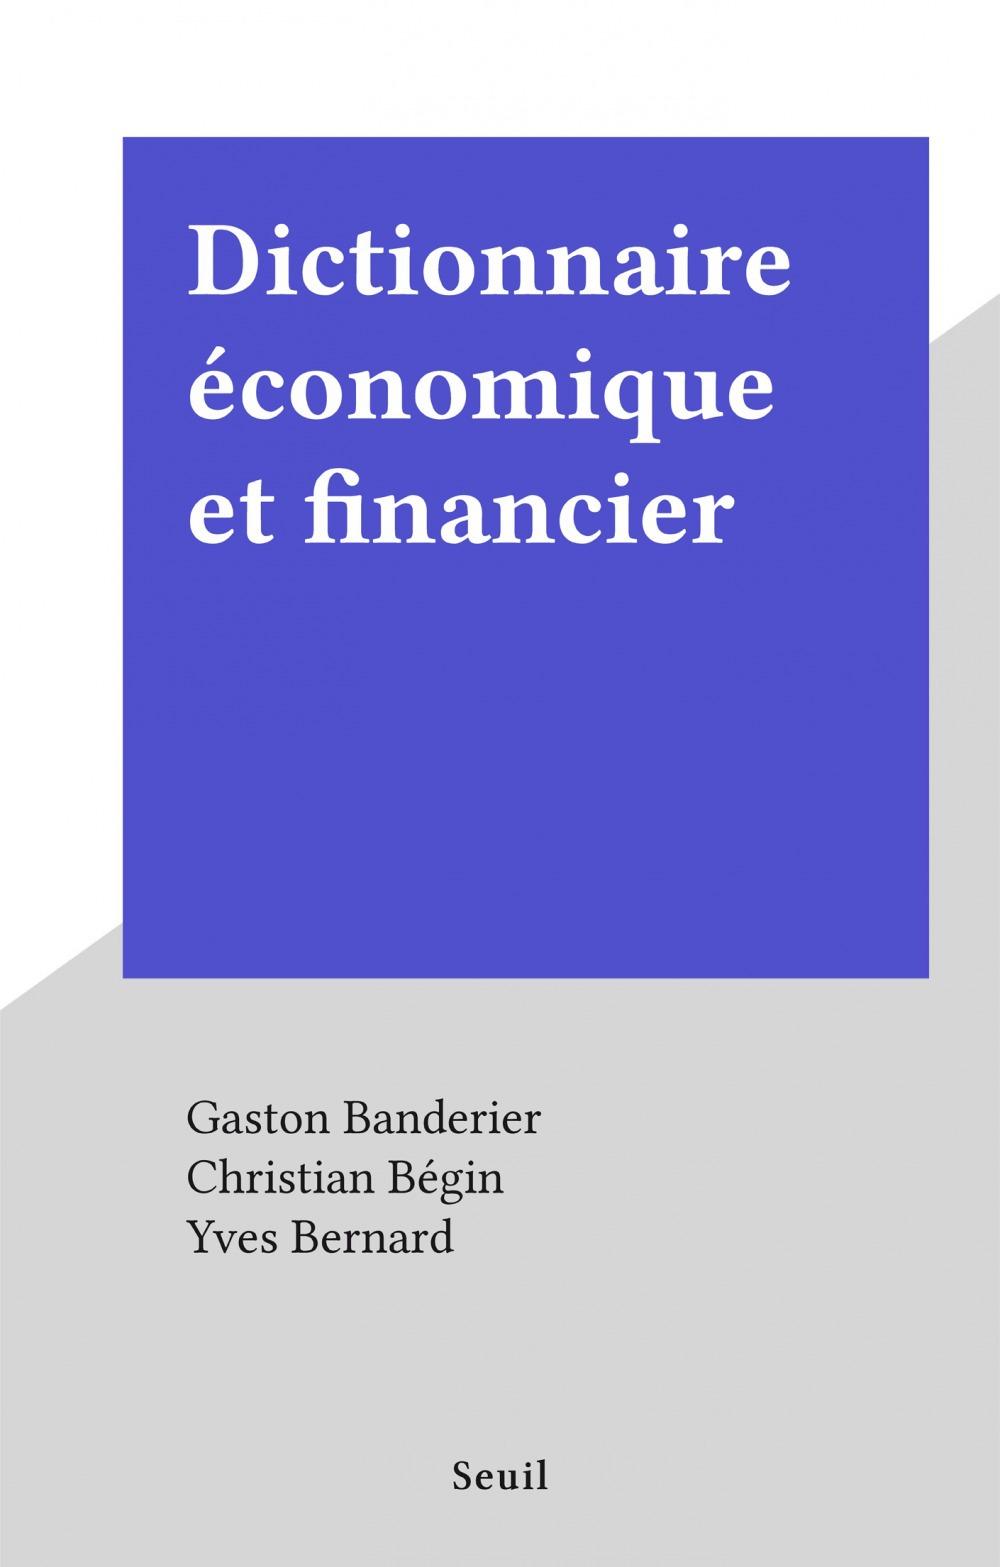 Dictionnaire économique et financier